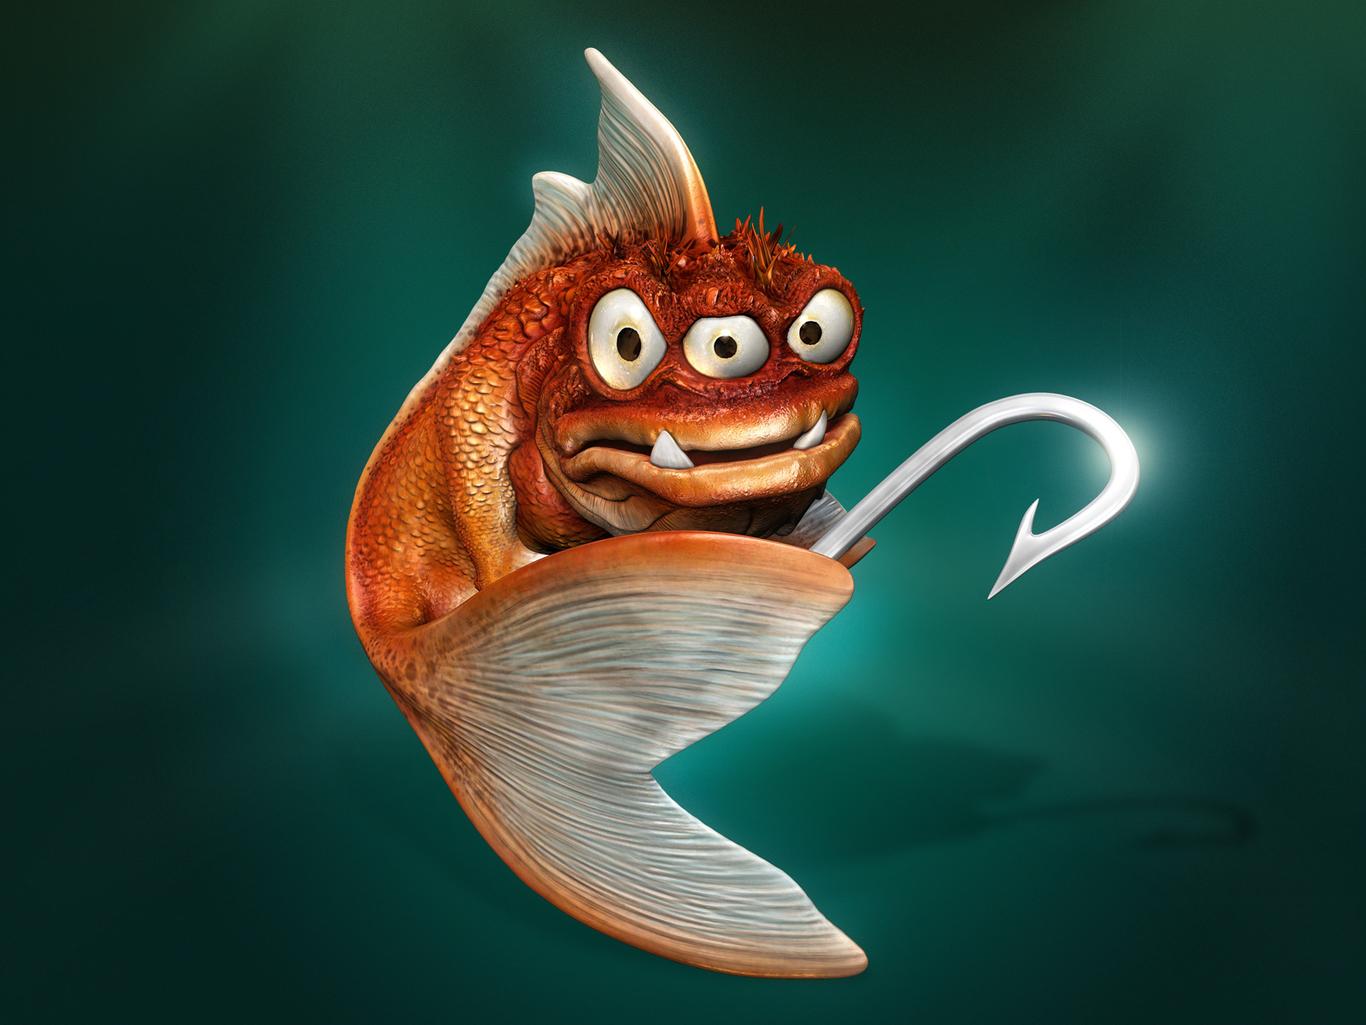 Filipgmelis evil goldfish final  1 9e043c4a 3tsc